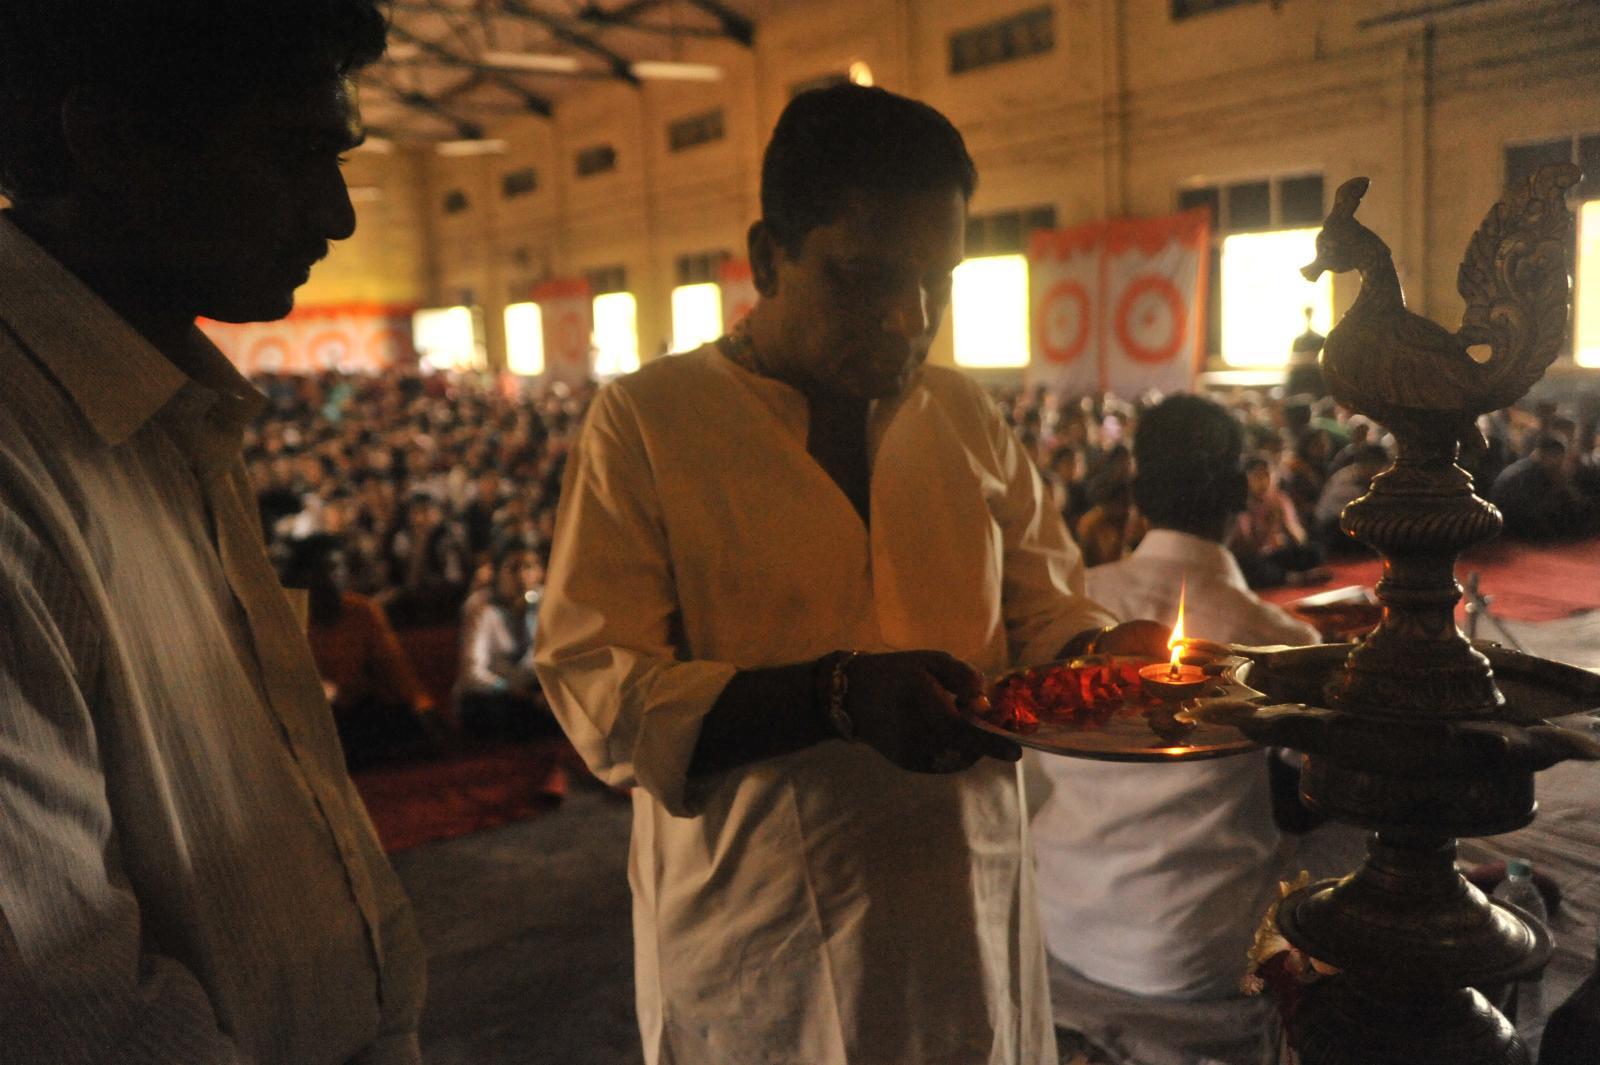 Vid. Mambalam Siva (Nadaswaram) lighting the lamp